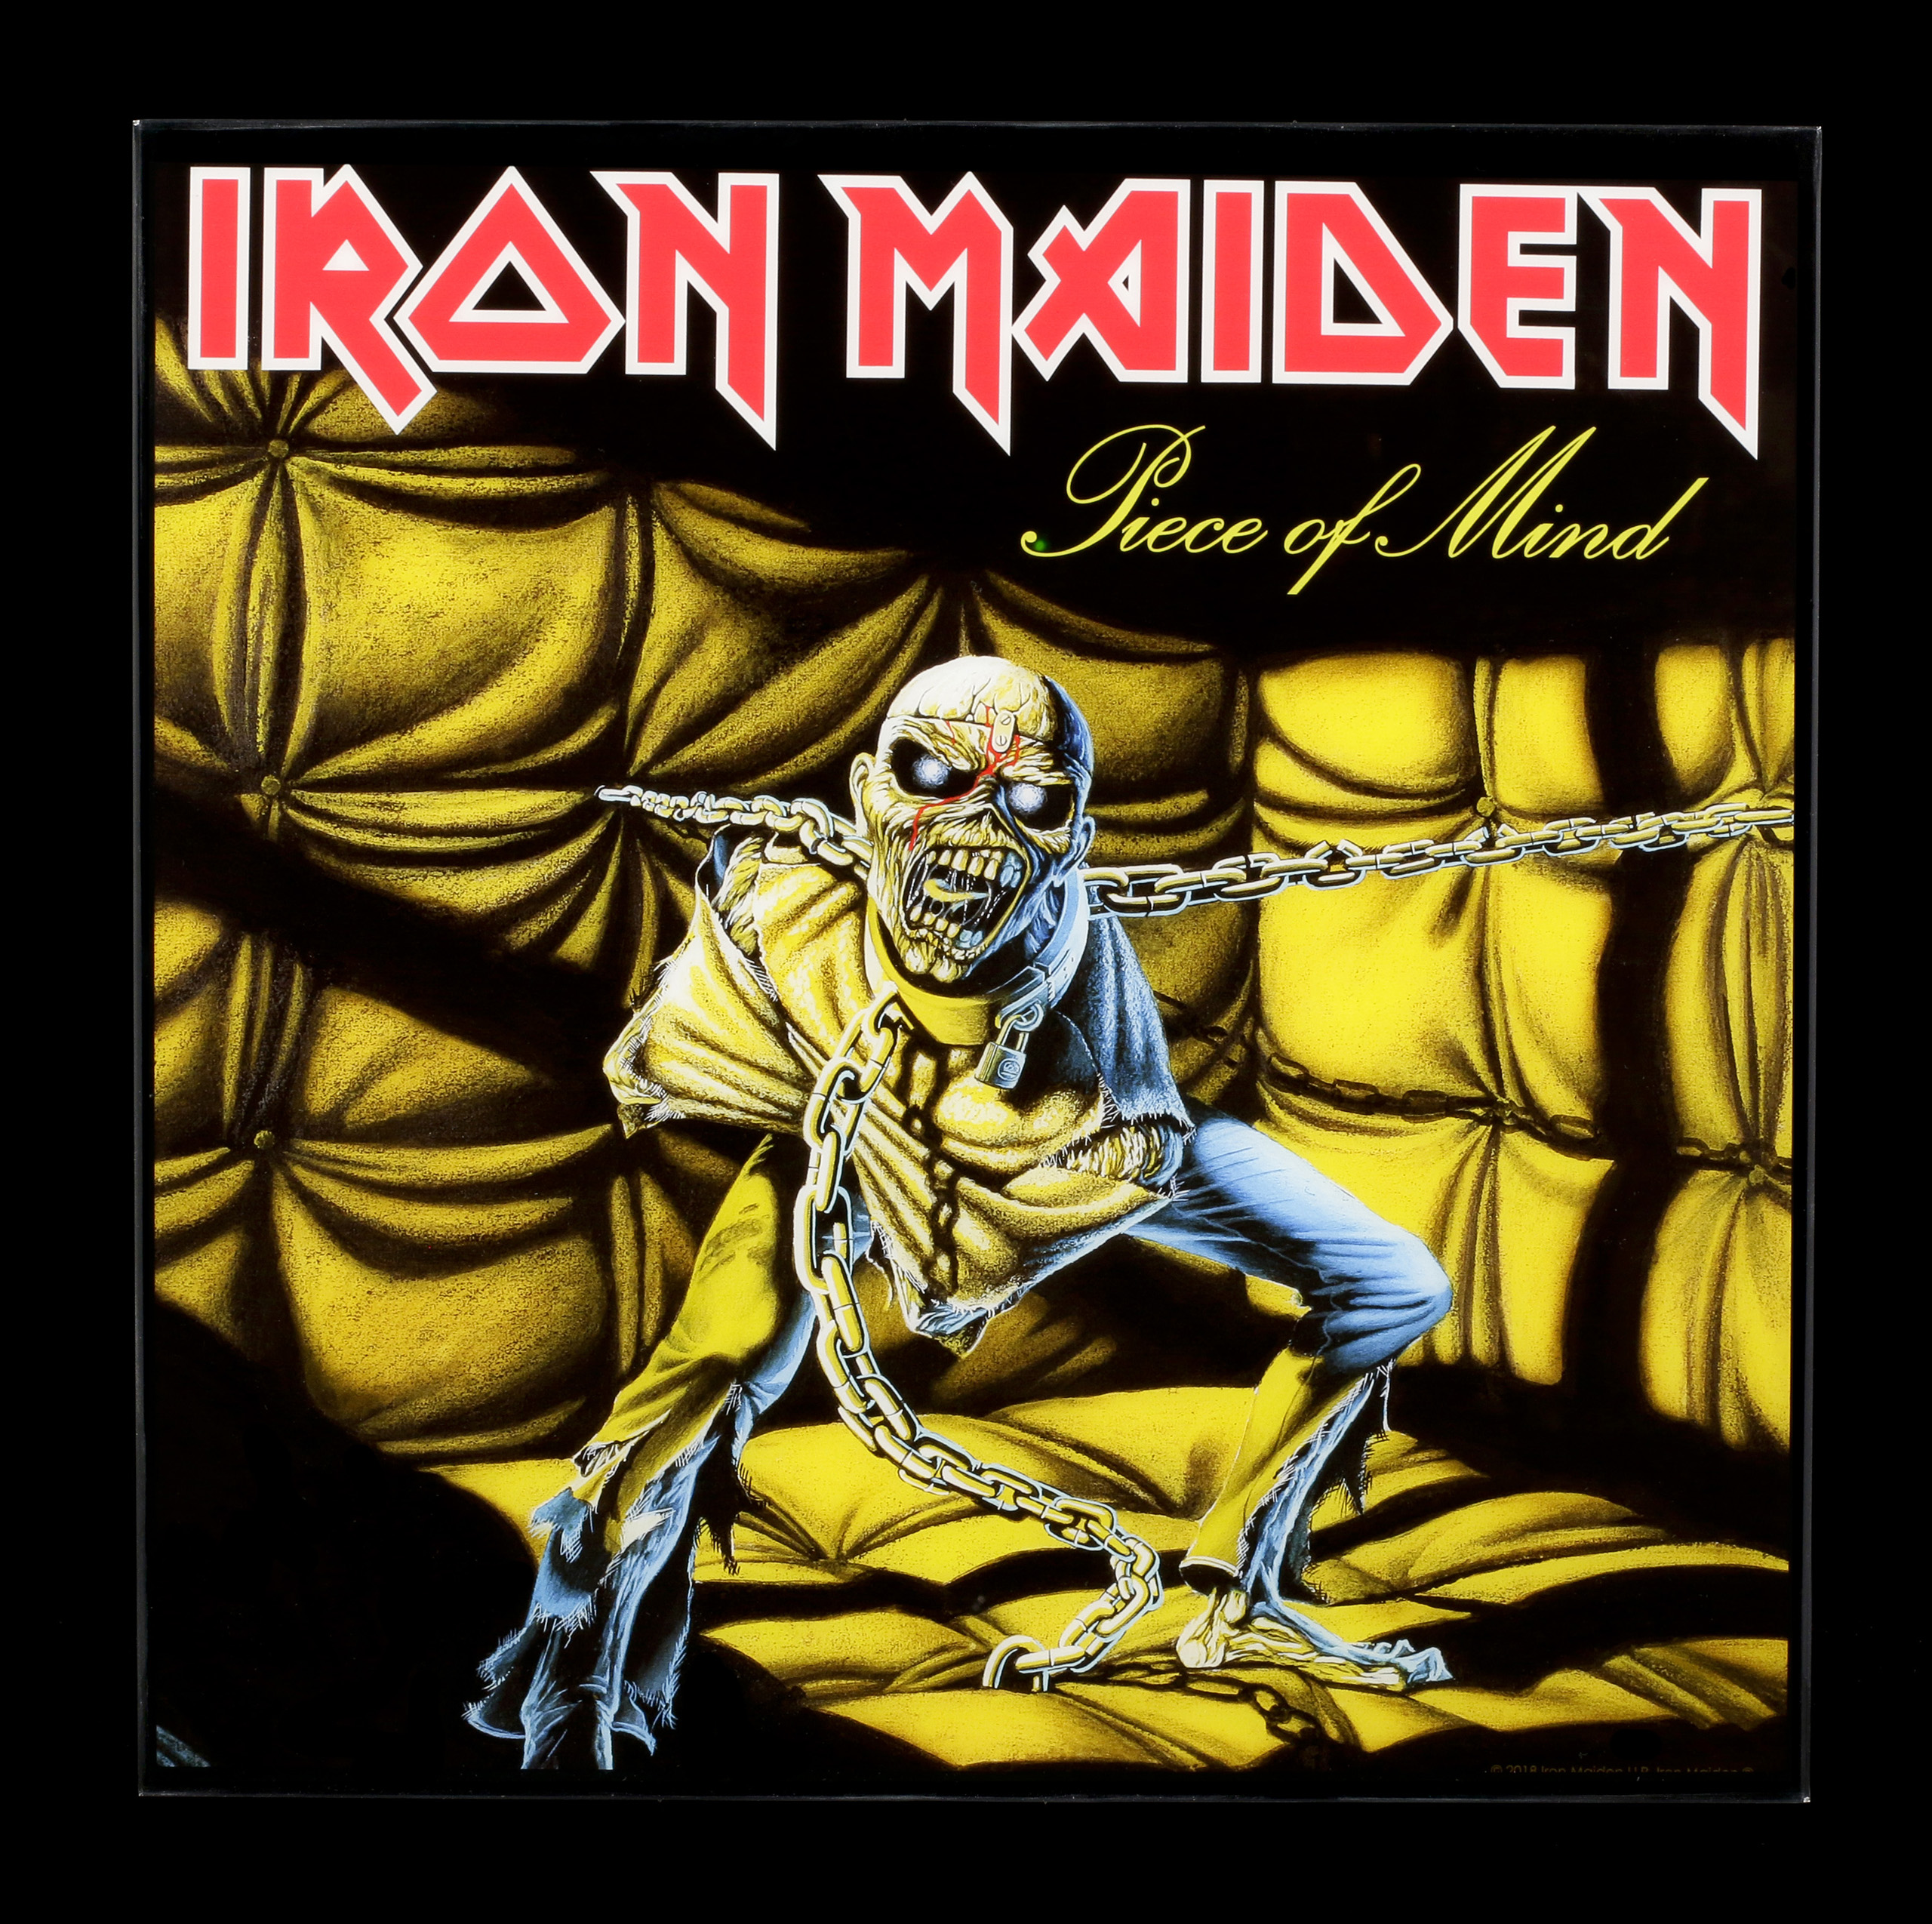 Iron maiden eddie bilder